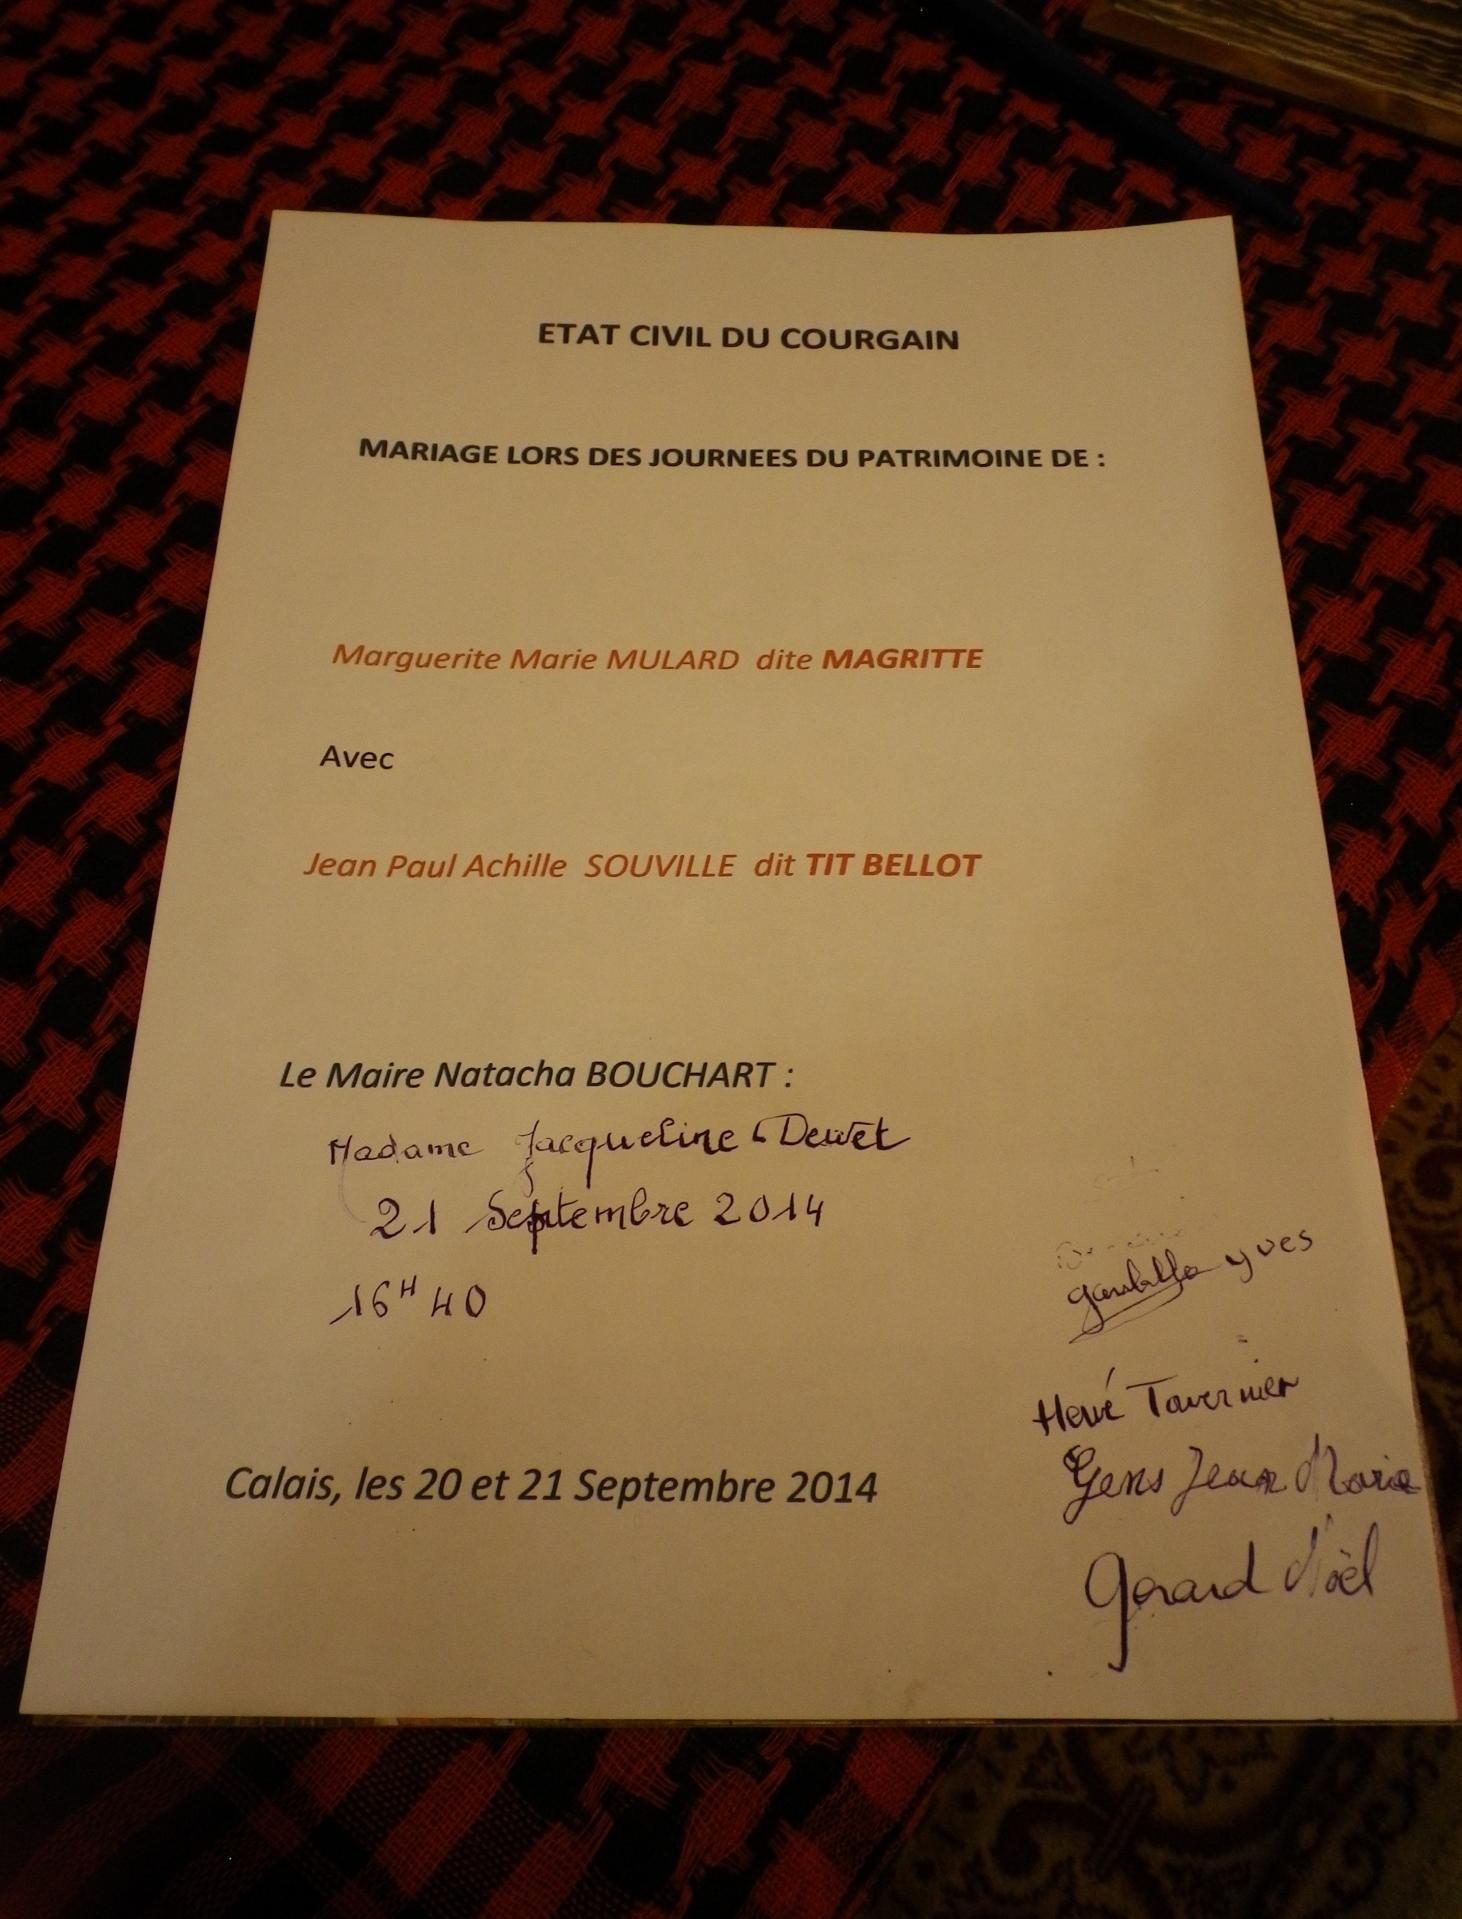 Mariage courguinois par madame jacqueline dewet